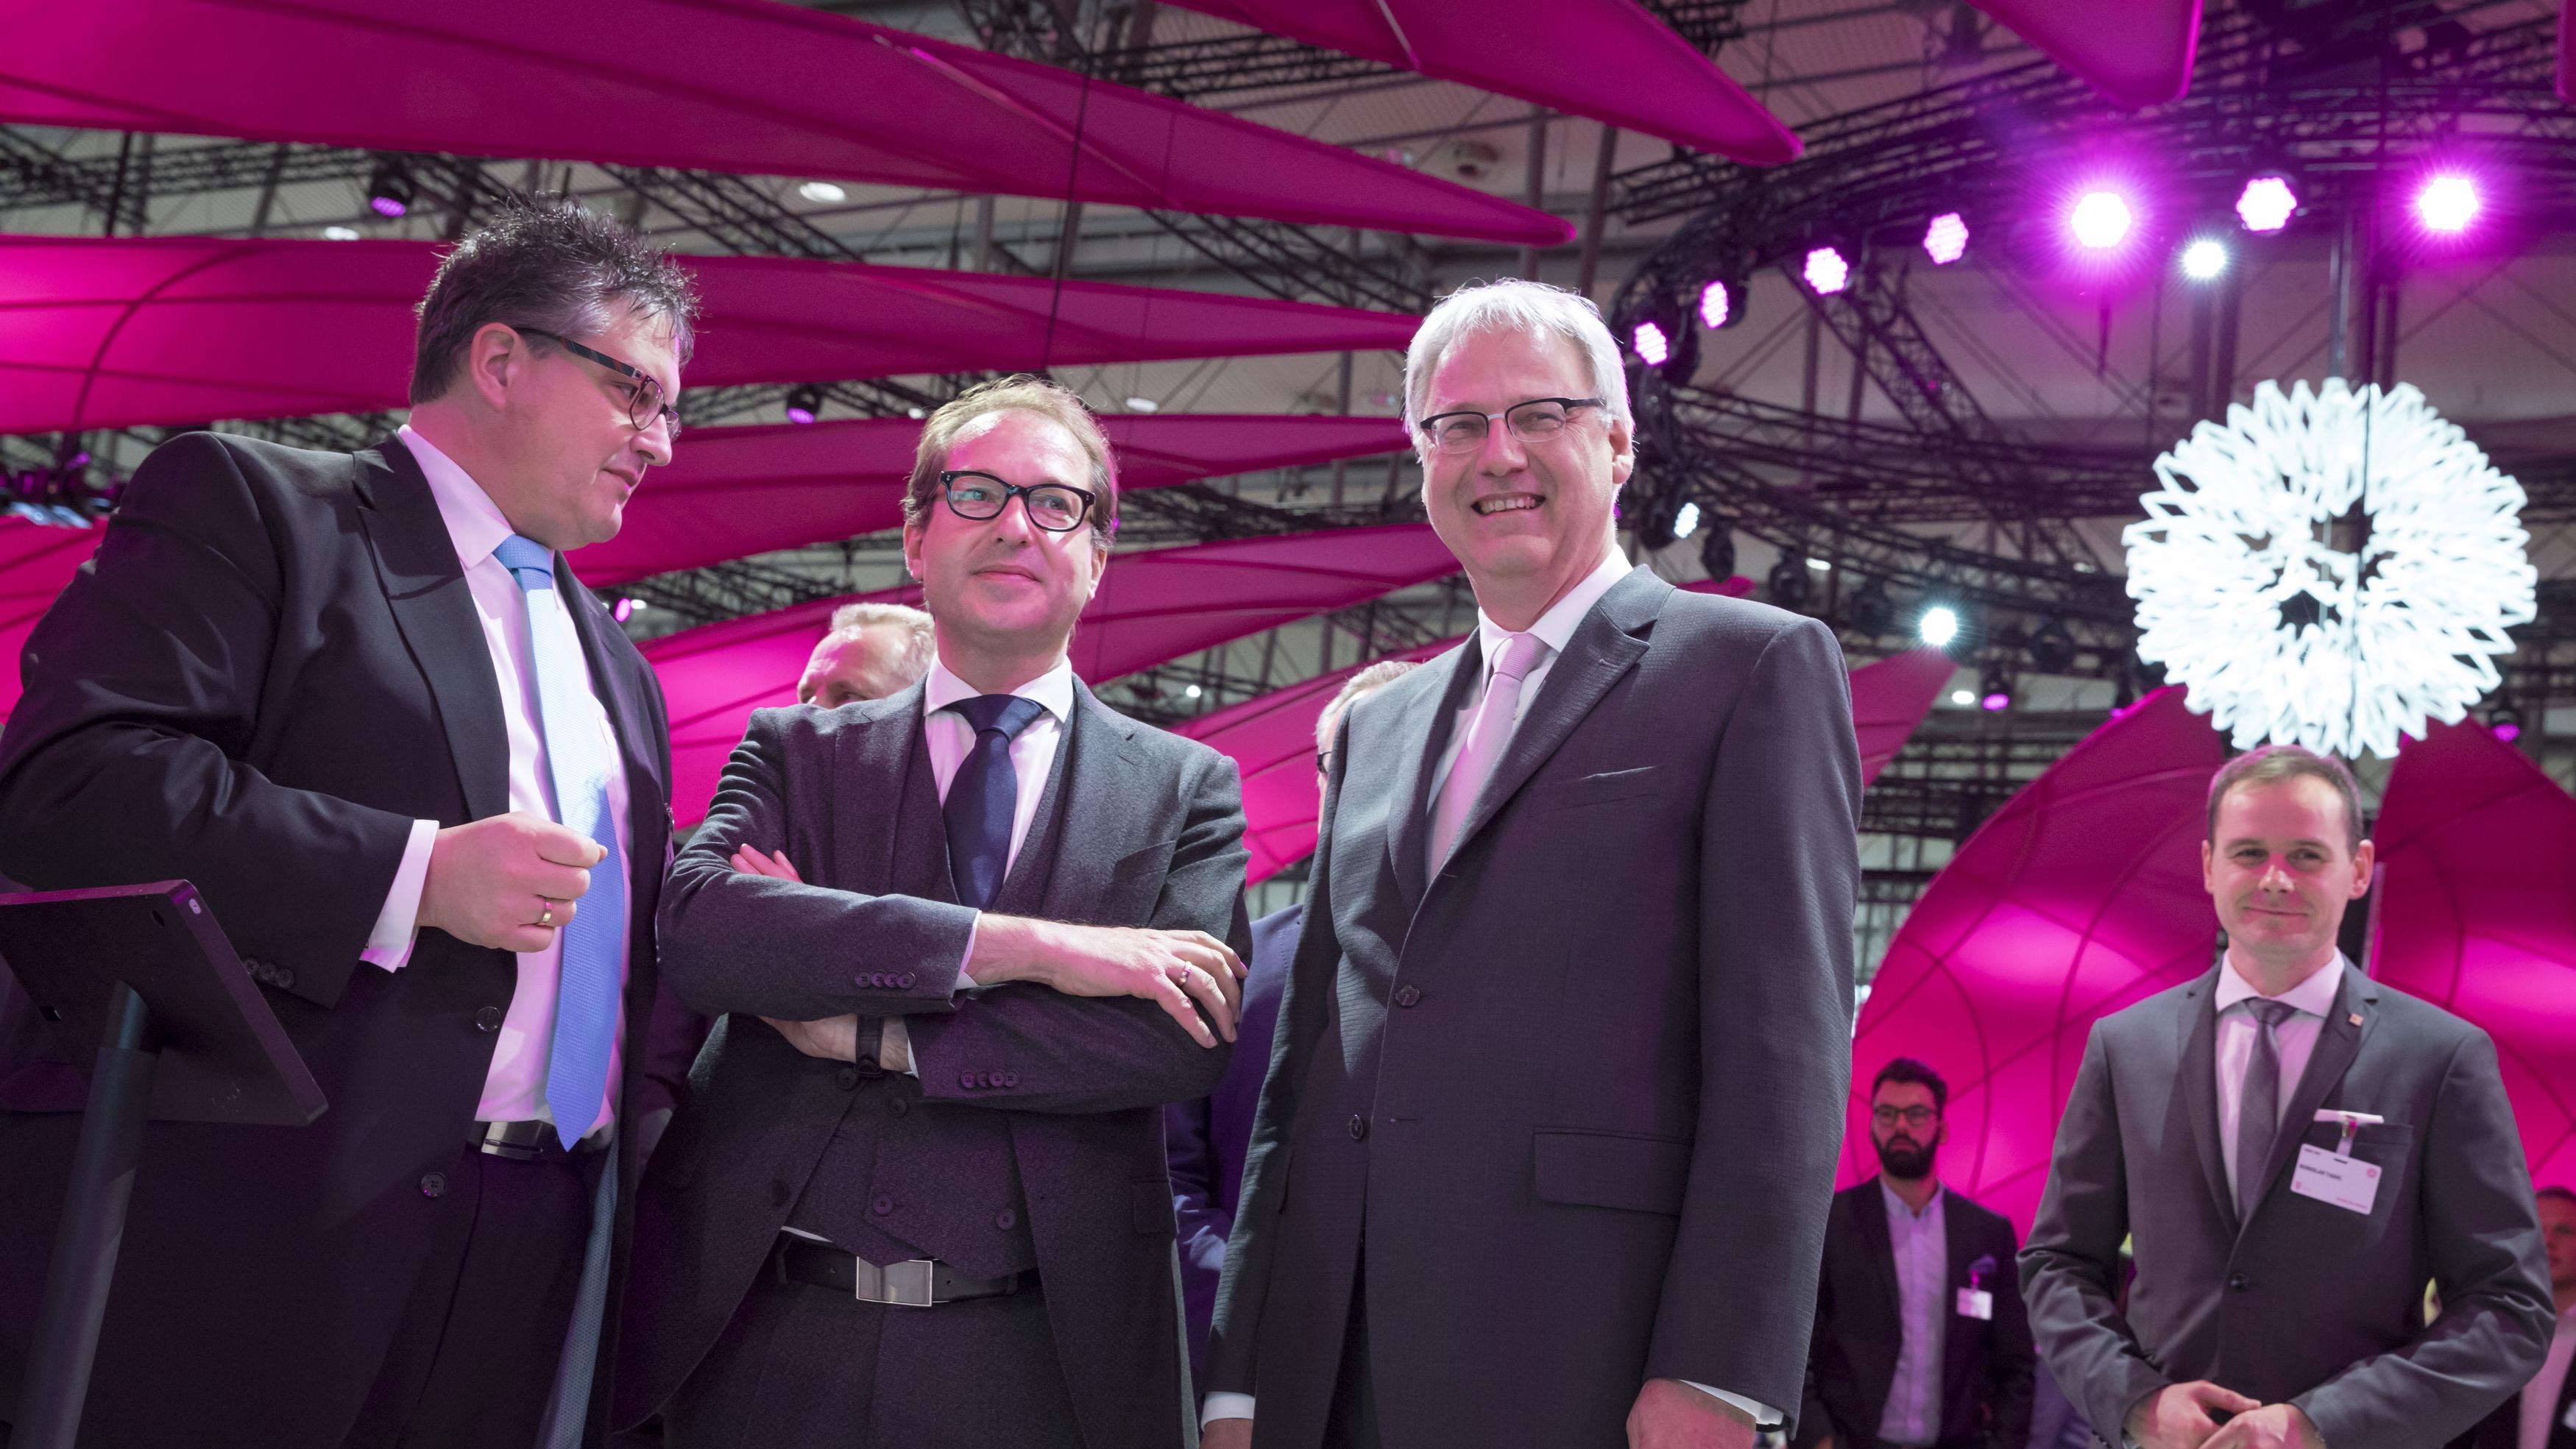 Alexander Dobrindt (Bundesminister für Verkehr und digitale Infrastruktur) besucht am 20/03/2017 den Stand der Deutschen Telekom auf der Computermesse CeBIT in Hannover.